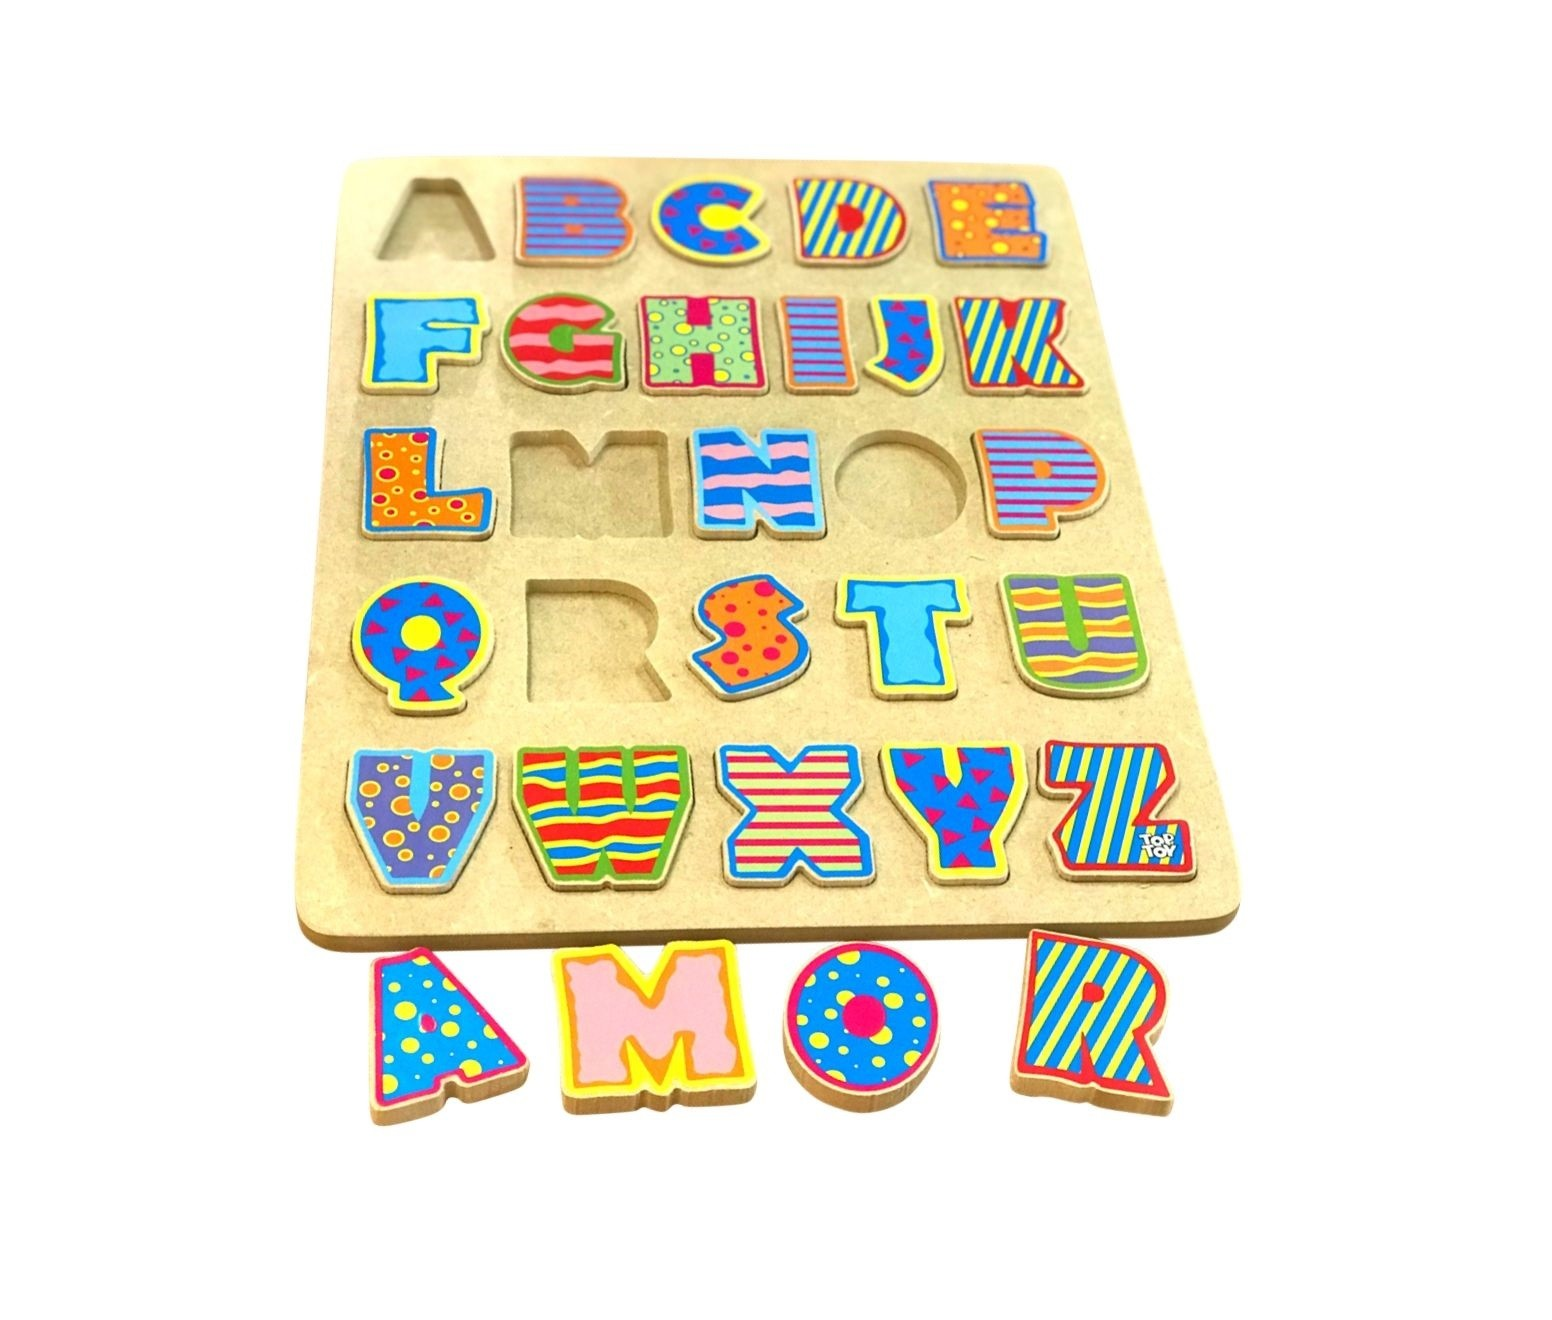 Brinquedo de madeira - Tabuleiro Letras, da Top Toy - Cód. Top-167